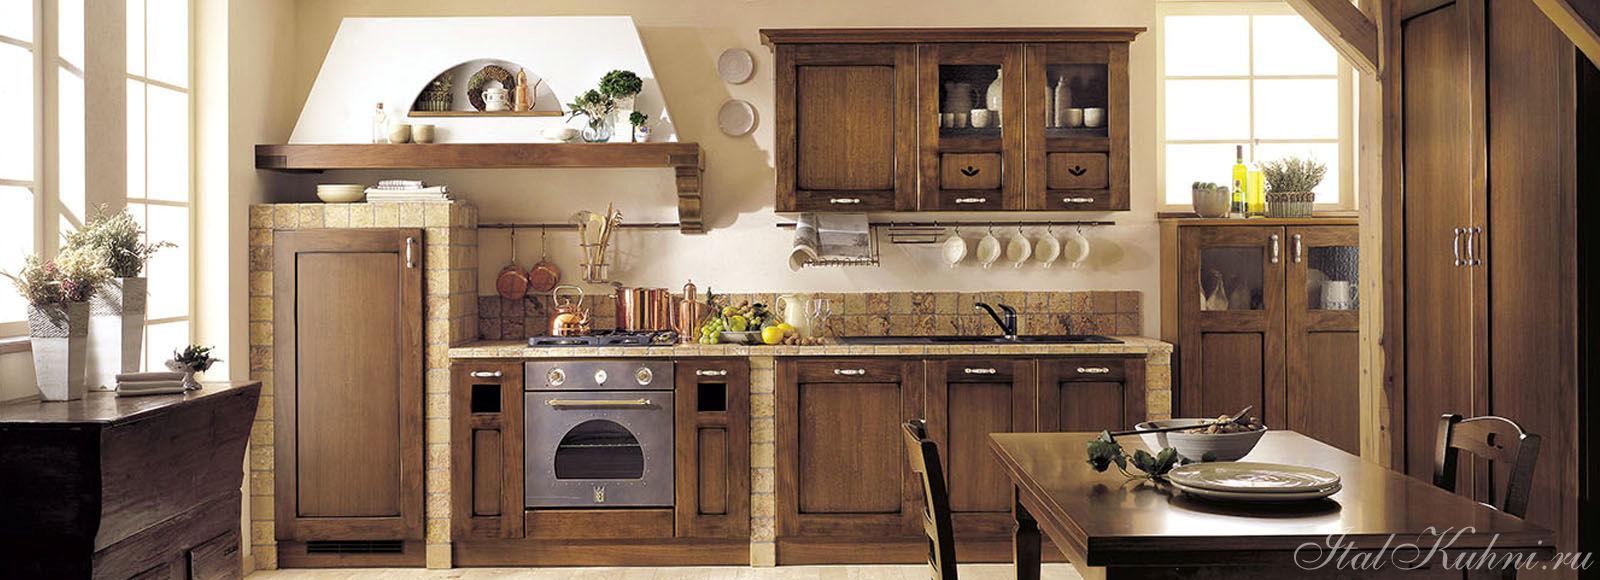 Дизайн кухни для души